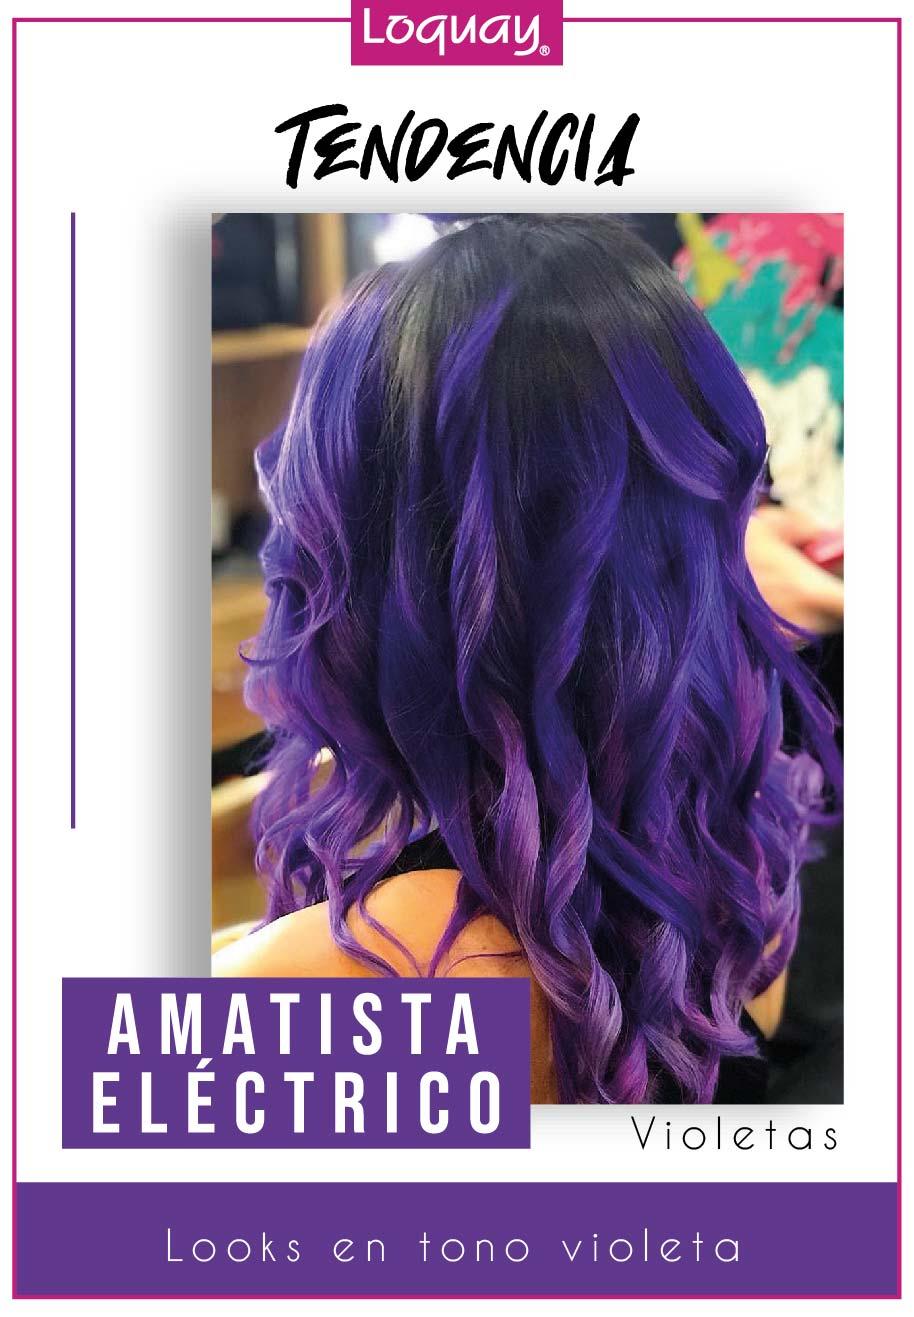 violeta-06